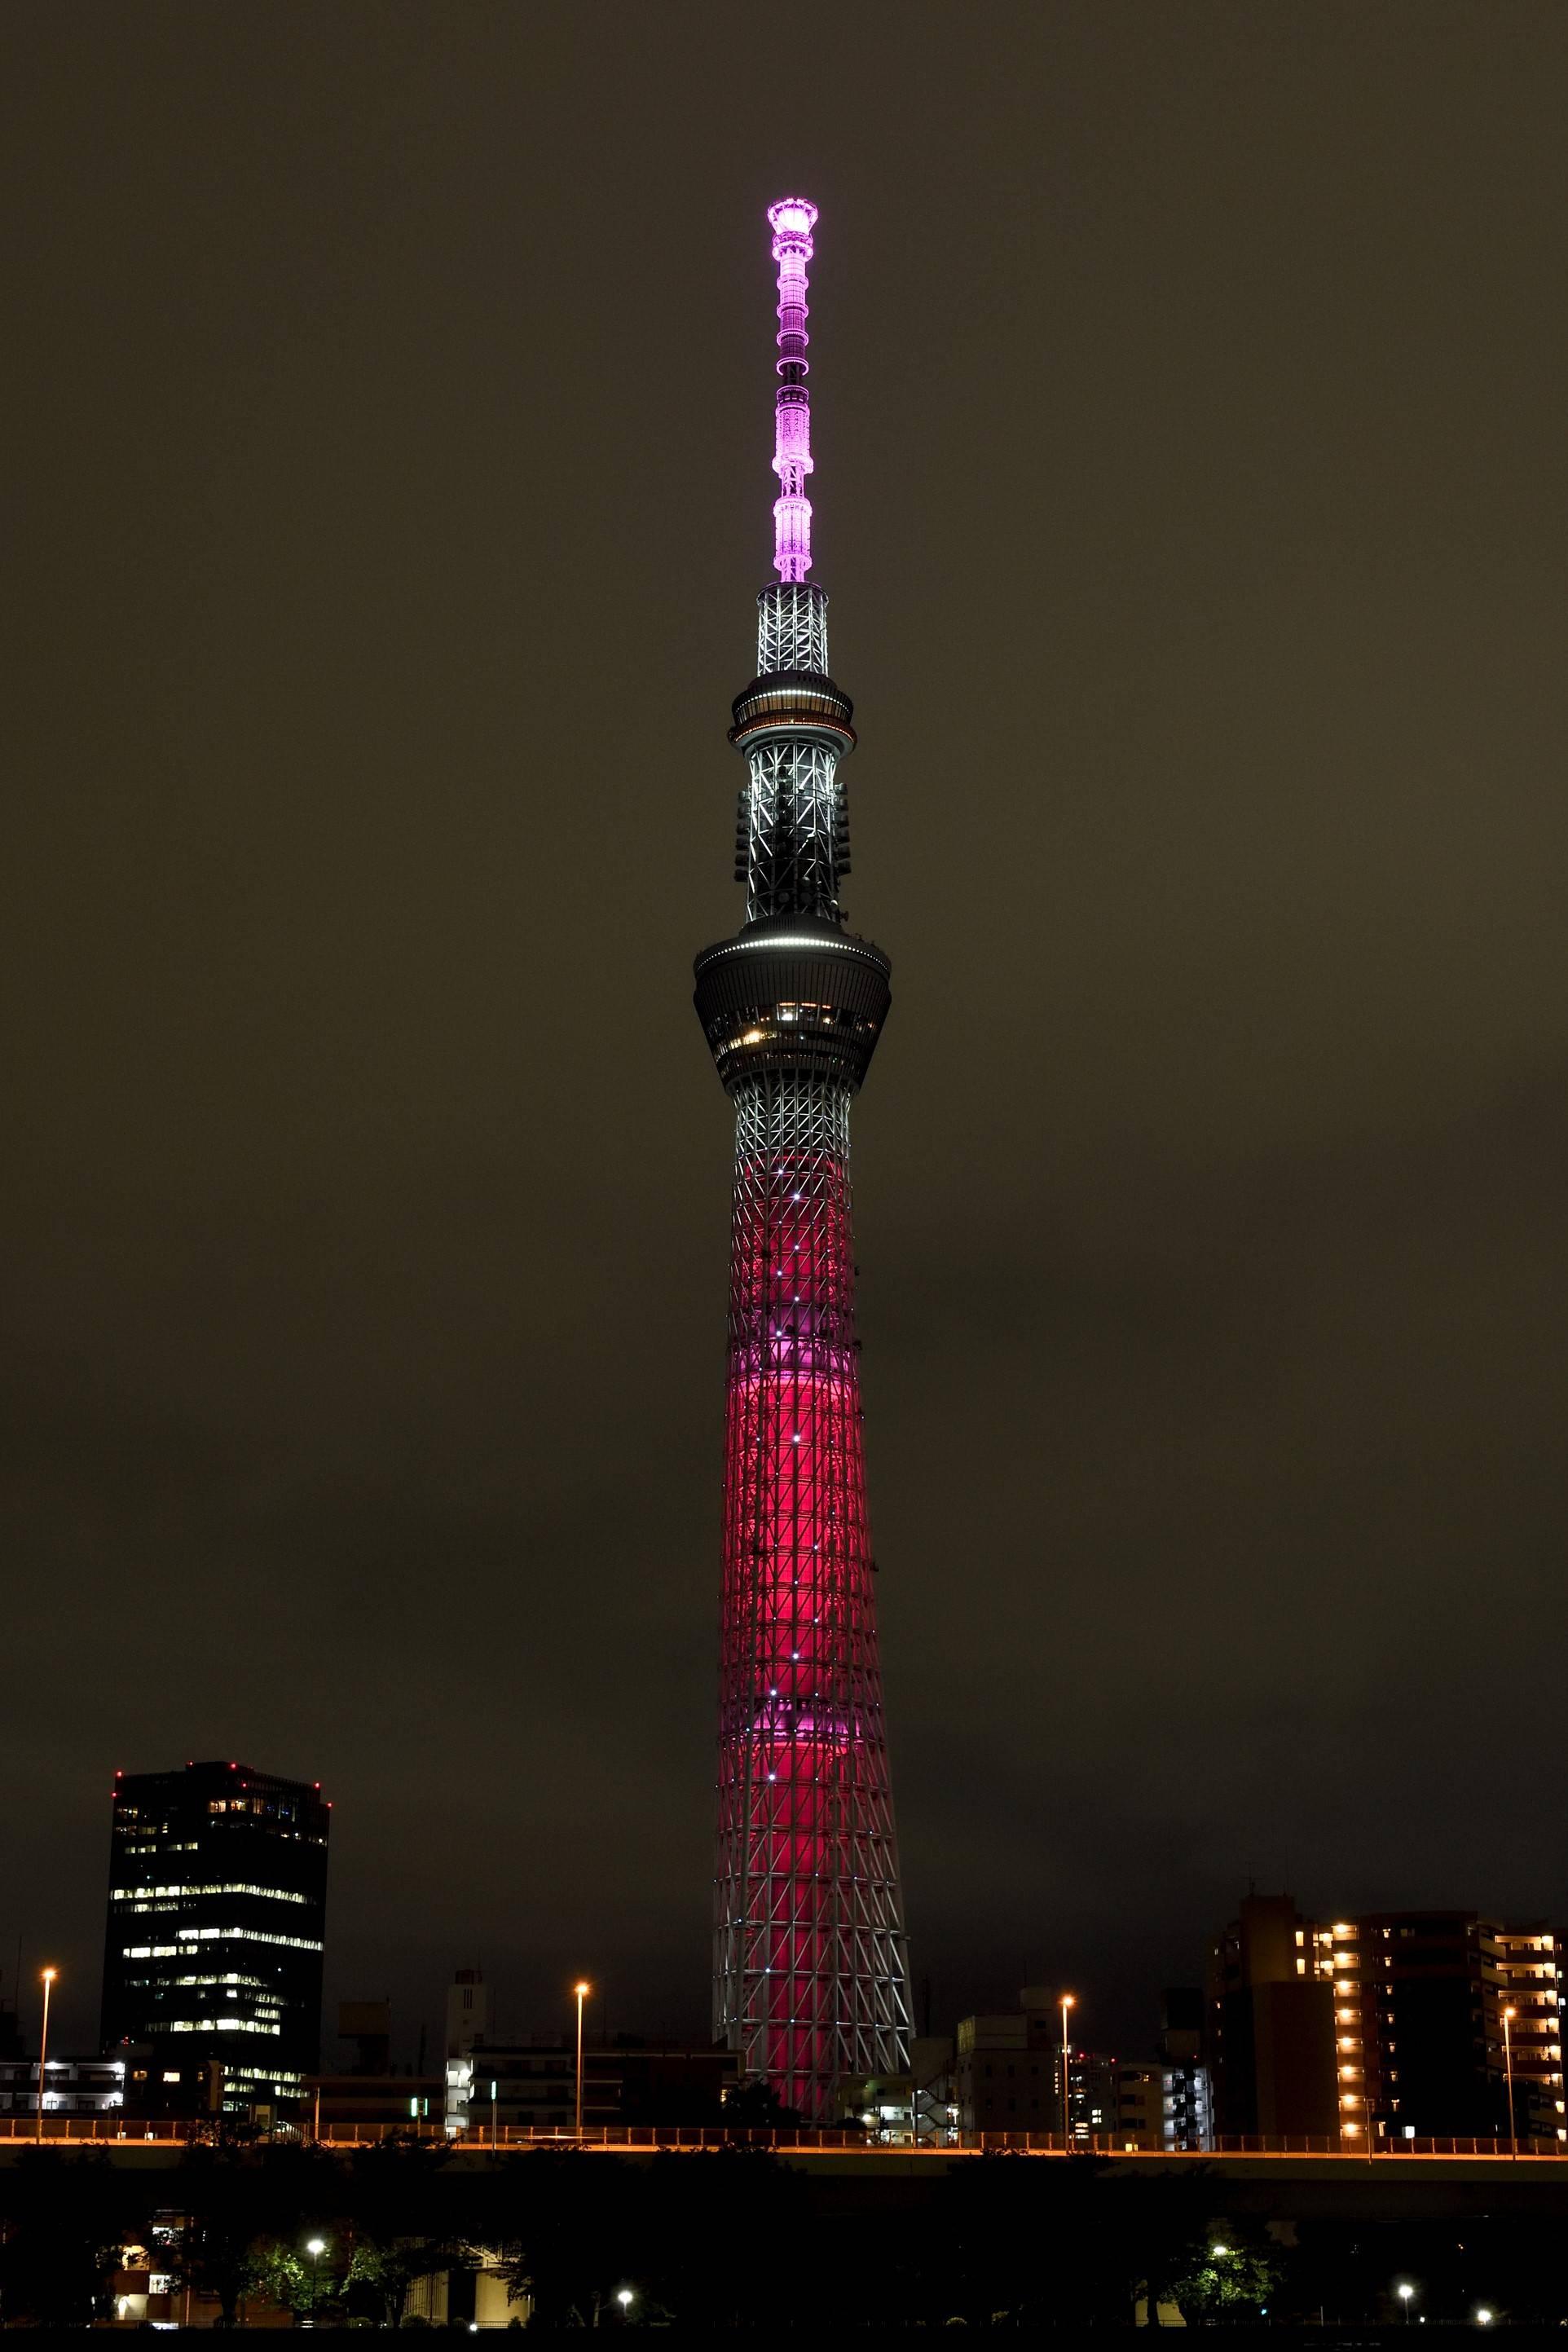 东京晴空塔点亮灯光纪念联合国成立75周年